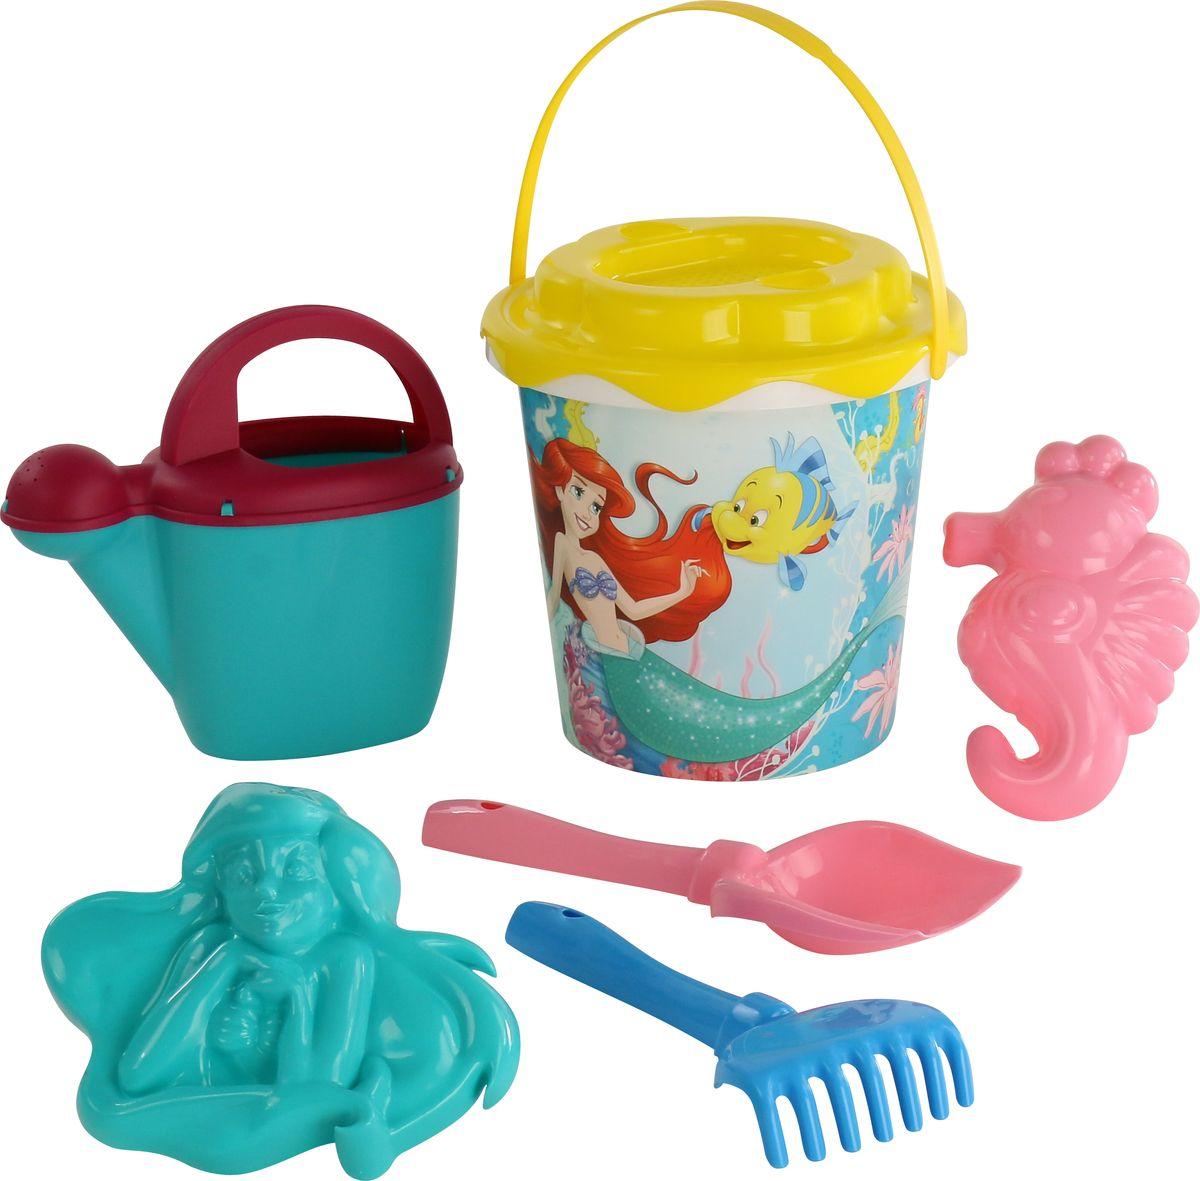 Disney Набор игрушек для песочницы Русалочка №4, 6 предметов, цвет в ассортименте disney набор игрушек для песочницы минни 4 цвет в ассортименте